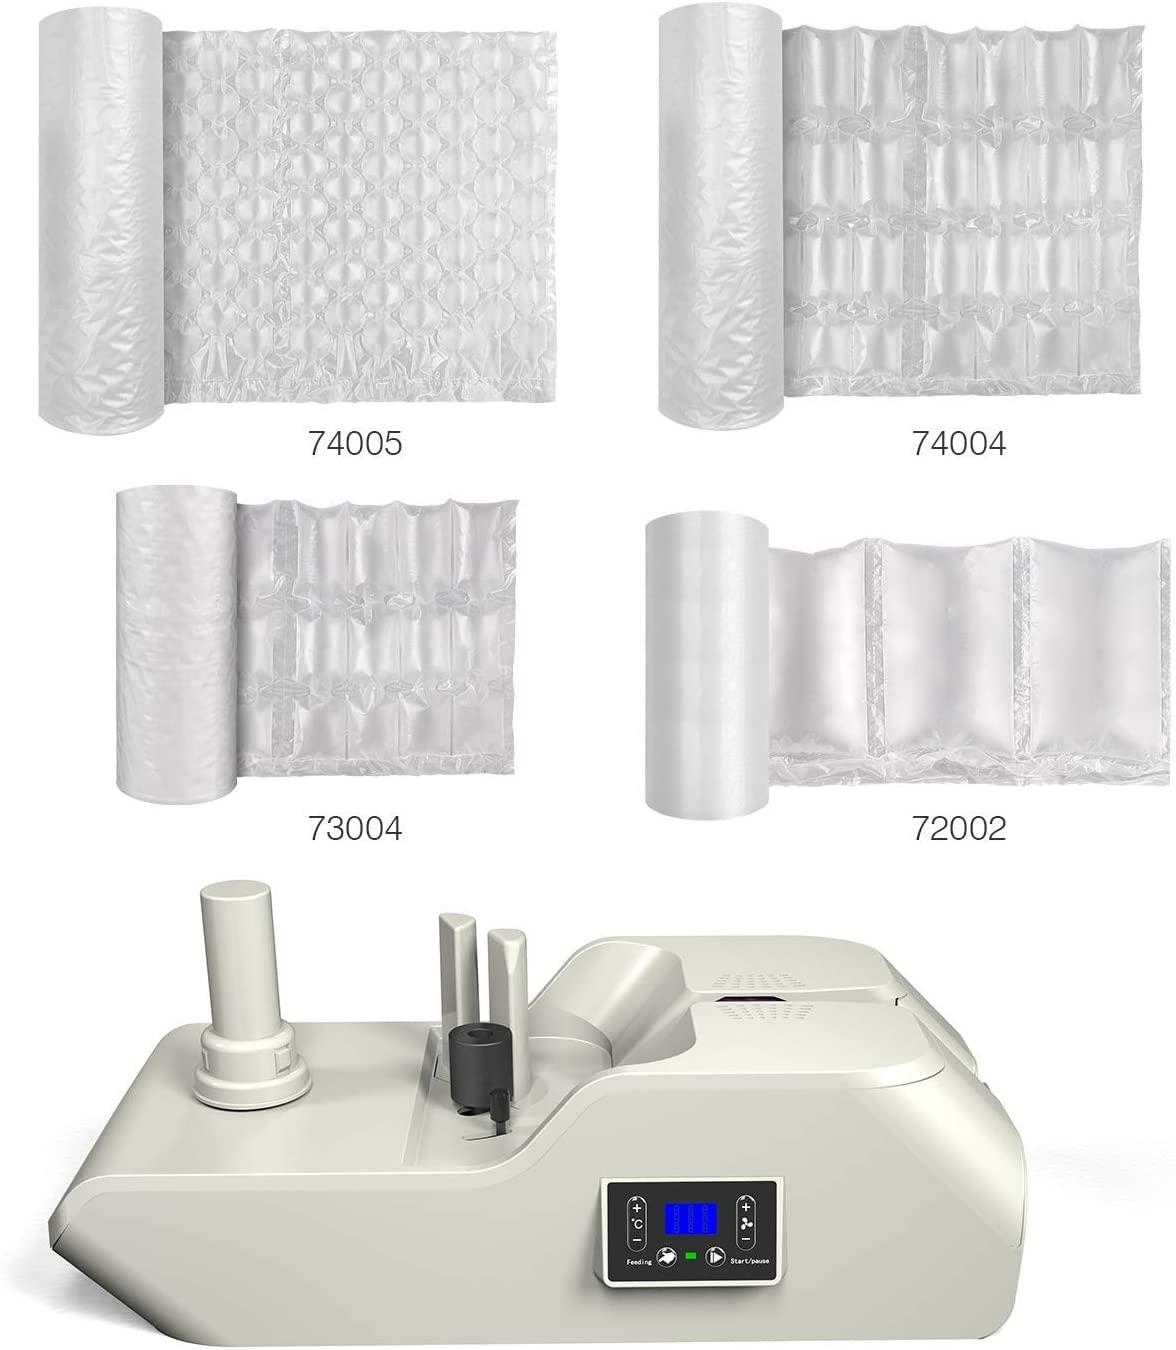 JZBRAIN Air Pillow Machine 056C+Air Cushion Film 72002+Air Cushion Film 73004+Air Cushion Film 74004+Air Cushion Film 74005